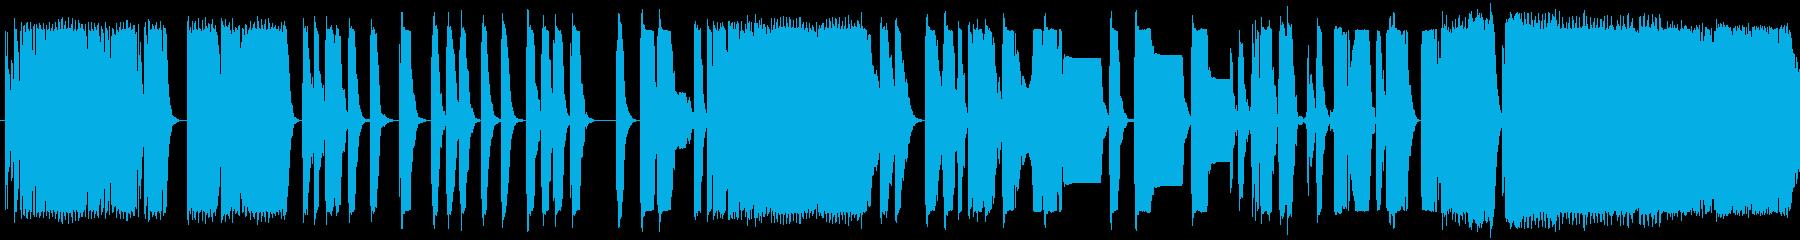 レーザーがさまざまな低音に当たるの再生済みの波形